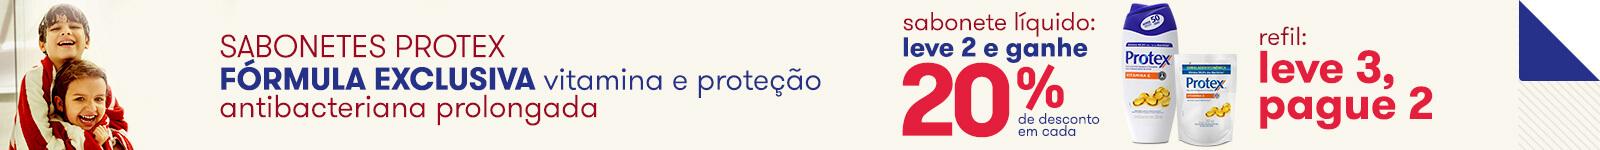 protex liquido